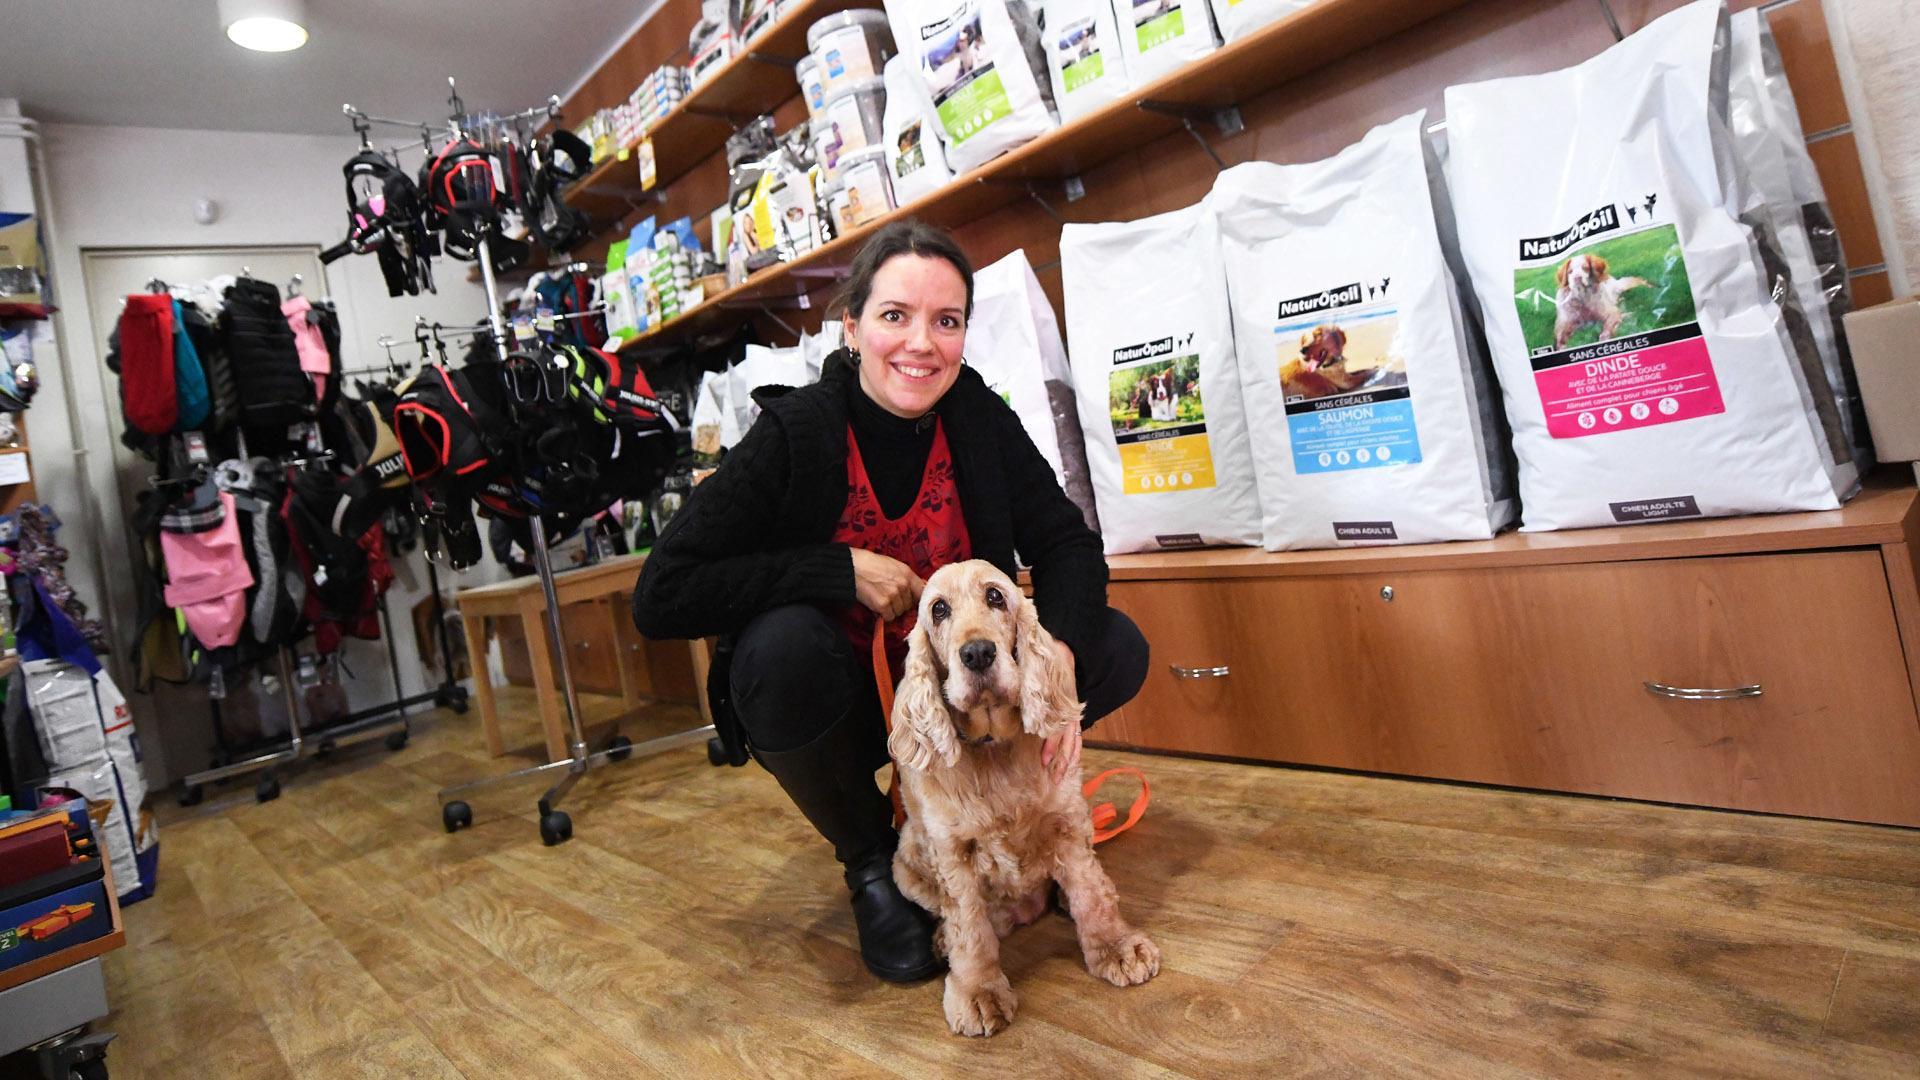 Riedisheim prendre soin des animaux avec NaturÔpoil : Caroline Anselm et Doudou